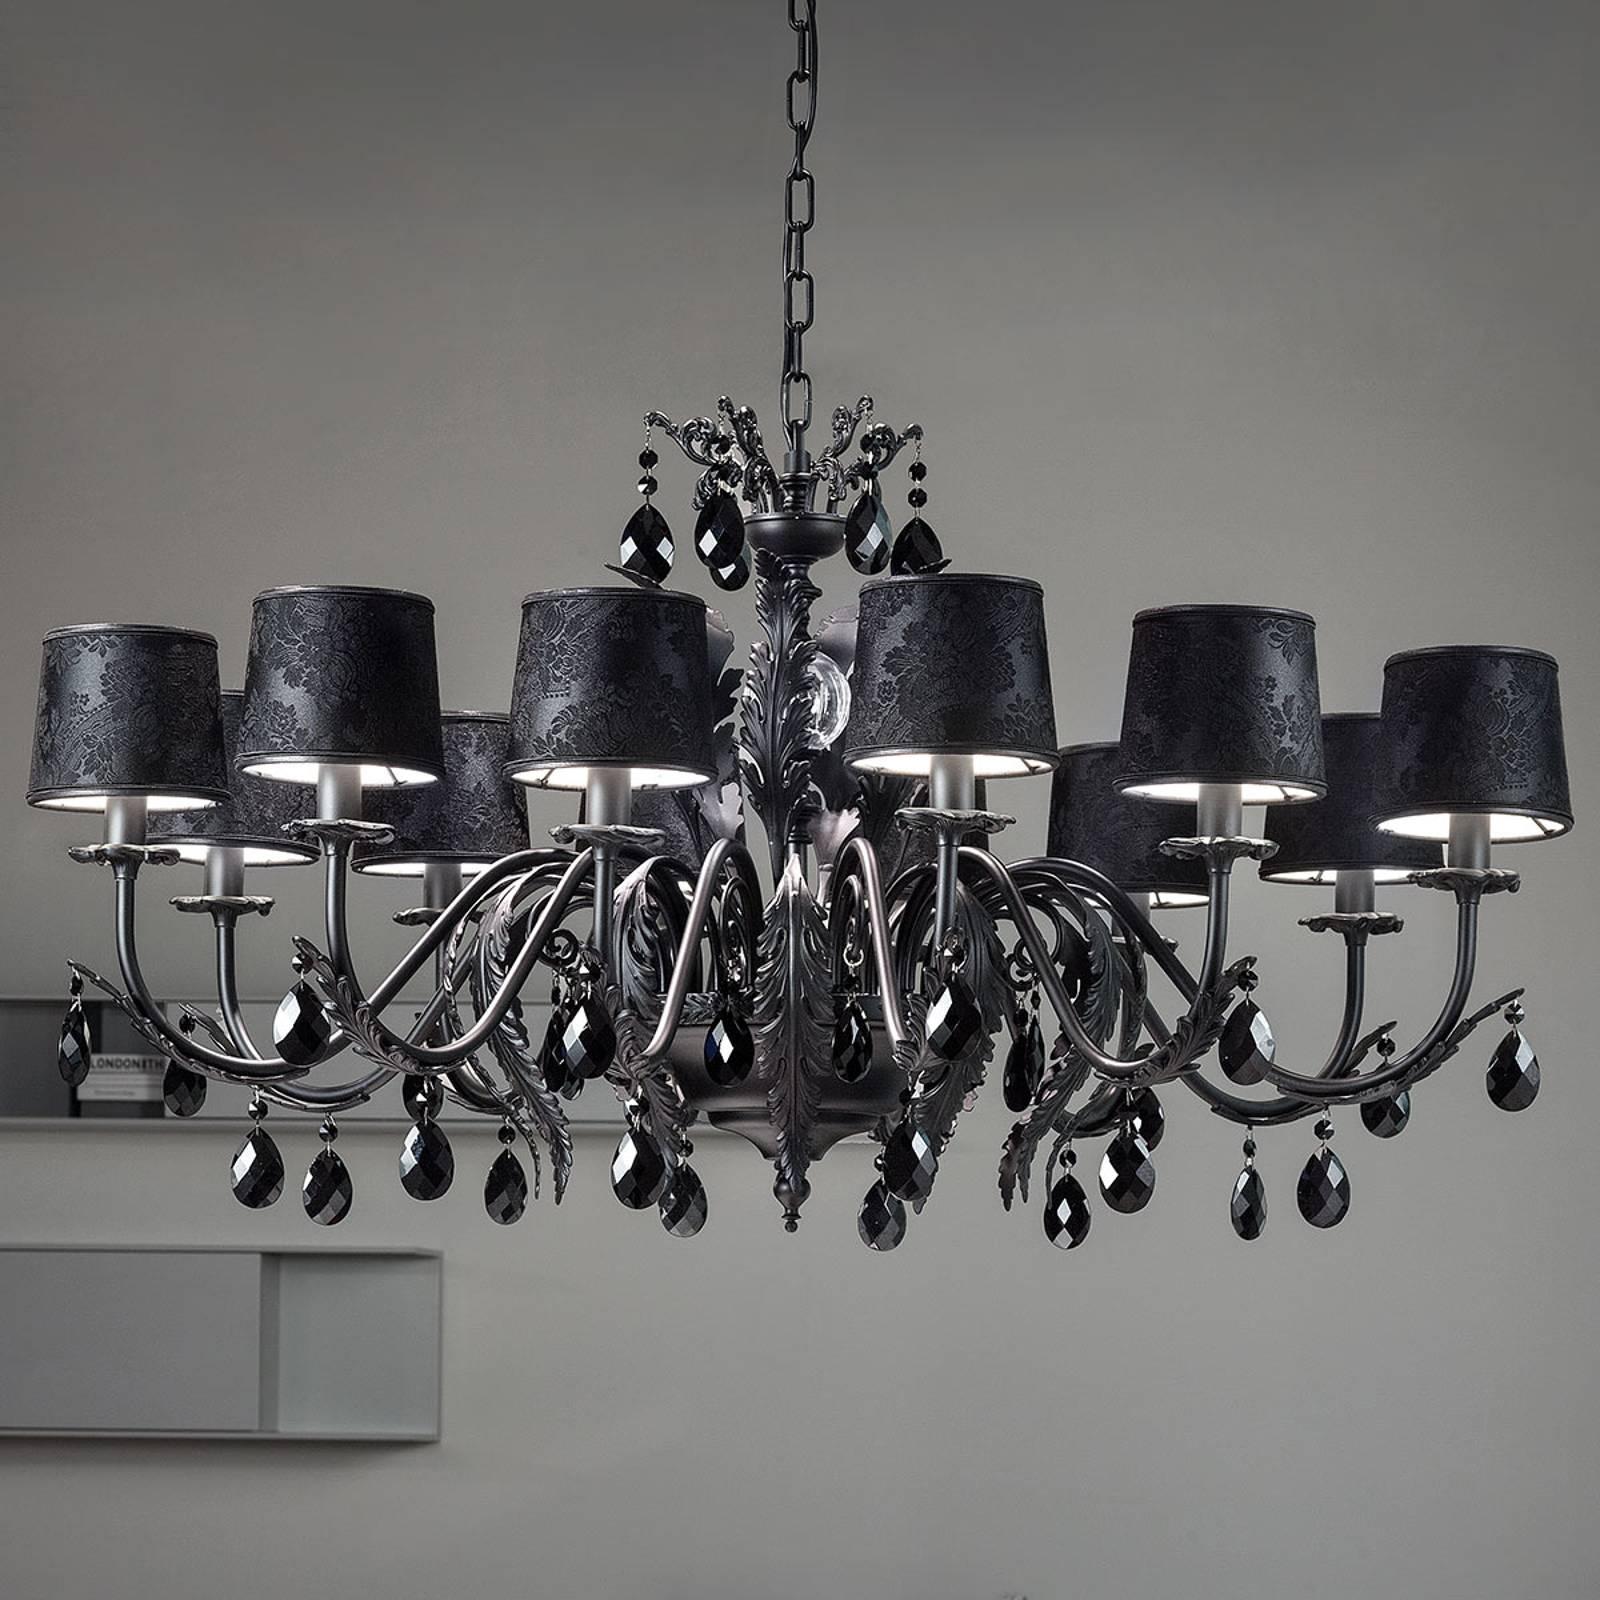 Musta Angelis-kattokruunu, 12-lamppuinen